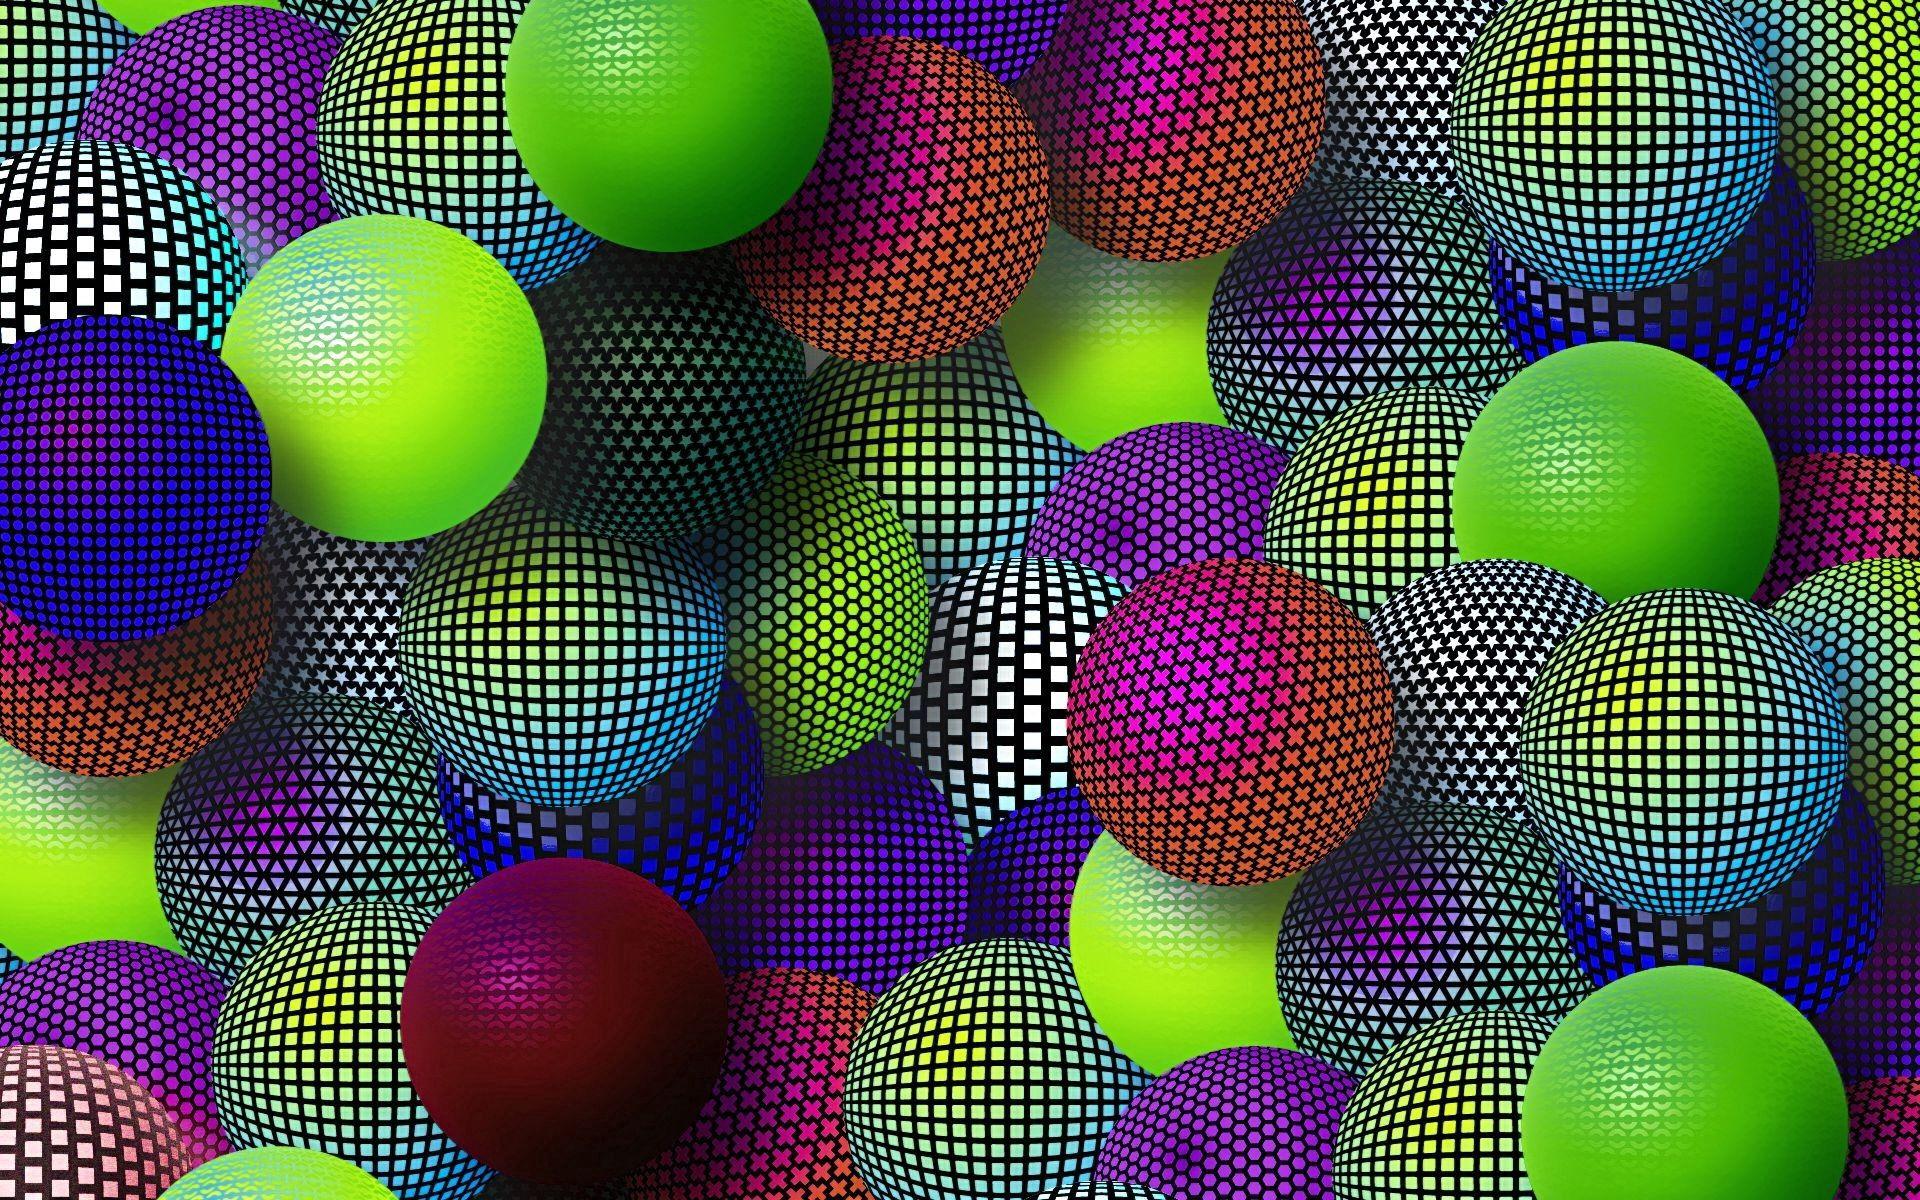 59388 Salvapantallas y fondos de pantalla 3D en tu teléfono. Descarga imágenes de 3D, Pelotas, Bolas, Multicolor, Abigarrado, Red, Rejilla, Un Montón De, Multitud, Diversidad, Variedad gratis